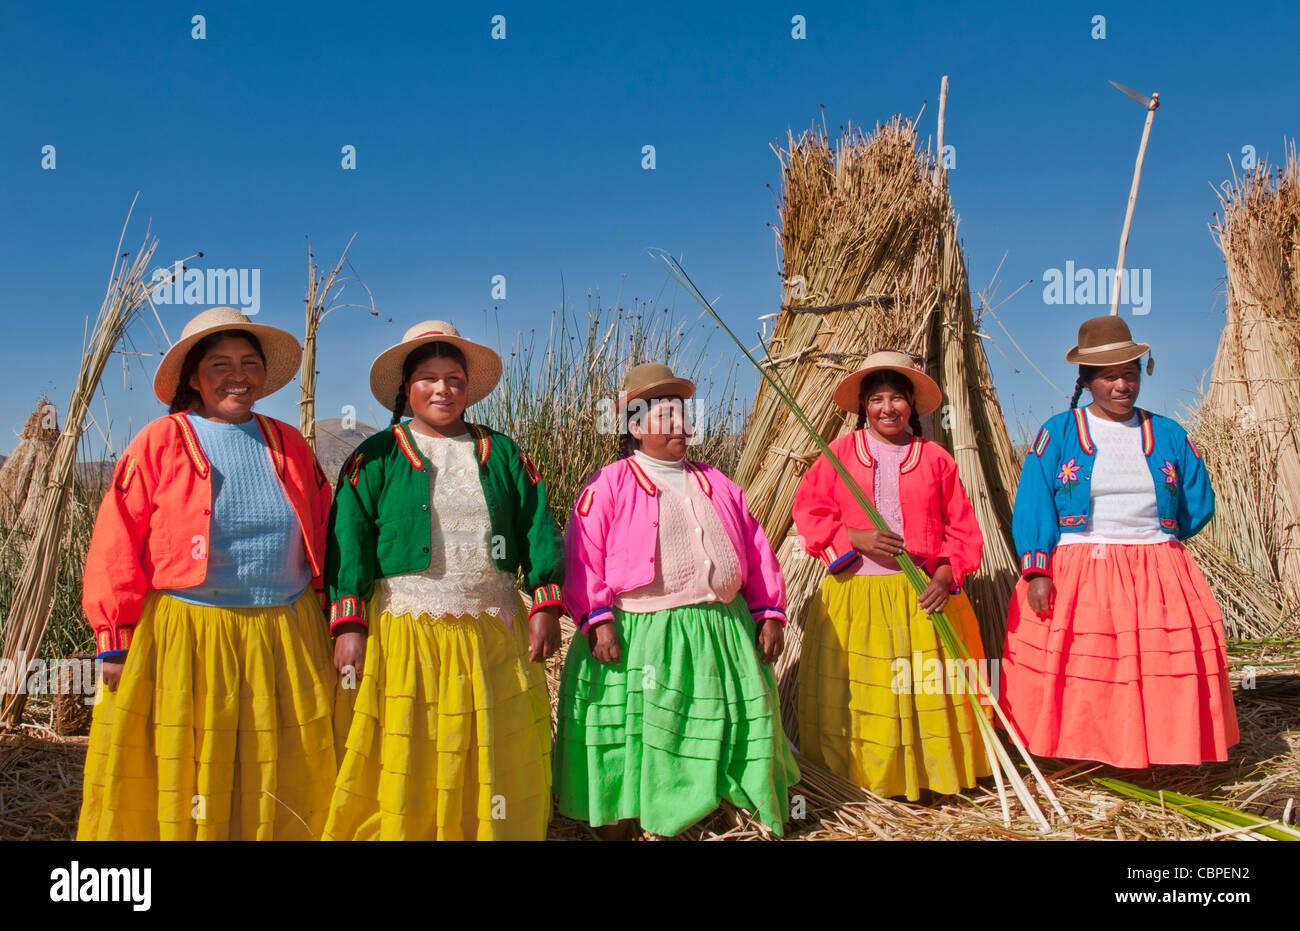 Il lago Titicaca in Perù con la tradizione locale le donne della tribù Uros storia in abiti colorati vicino Immagini Stock